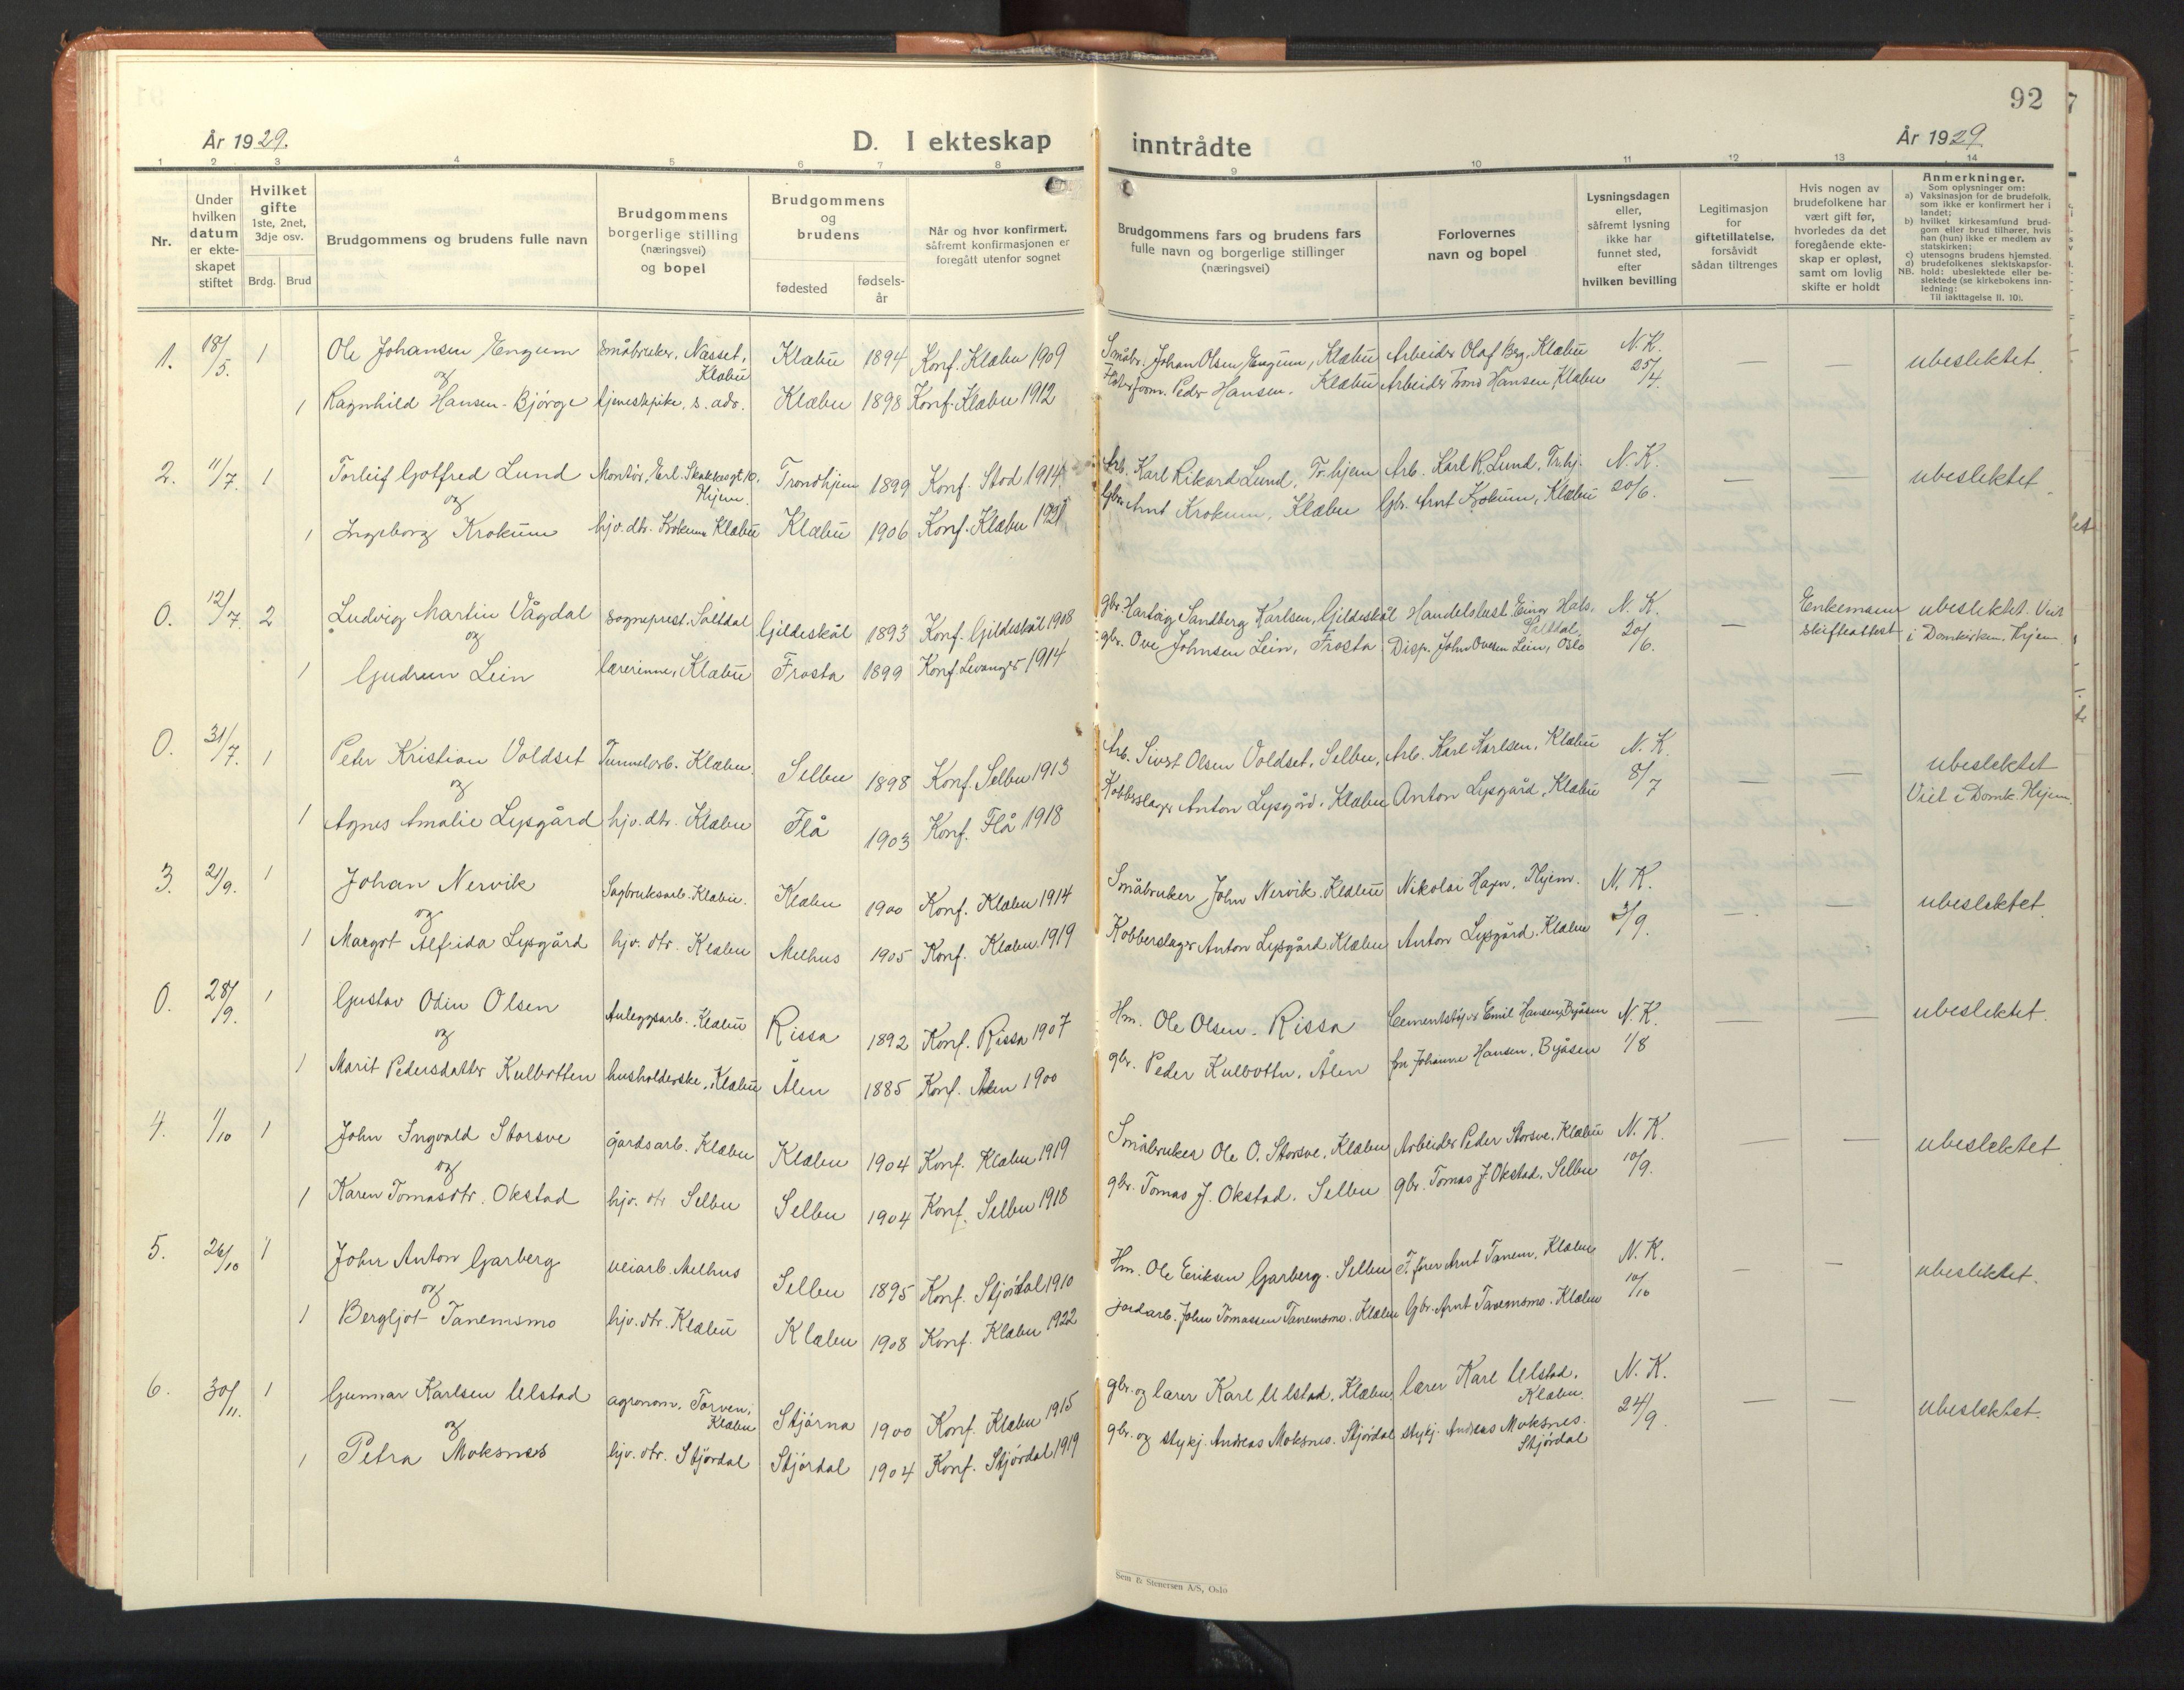 SAT, Ministerialprotokoller, klokkerbøker og fødselsregistre - Sør-Trøndelag, 618/L0454: Klokkerbok nr. 618C05, 1926-1946, s. 92